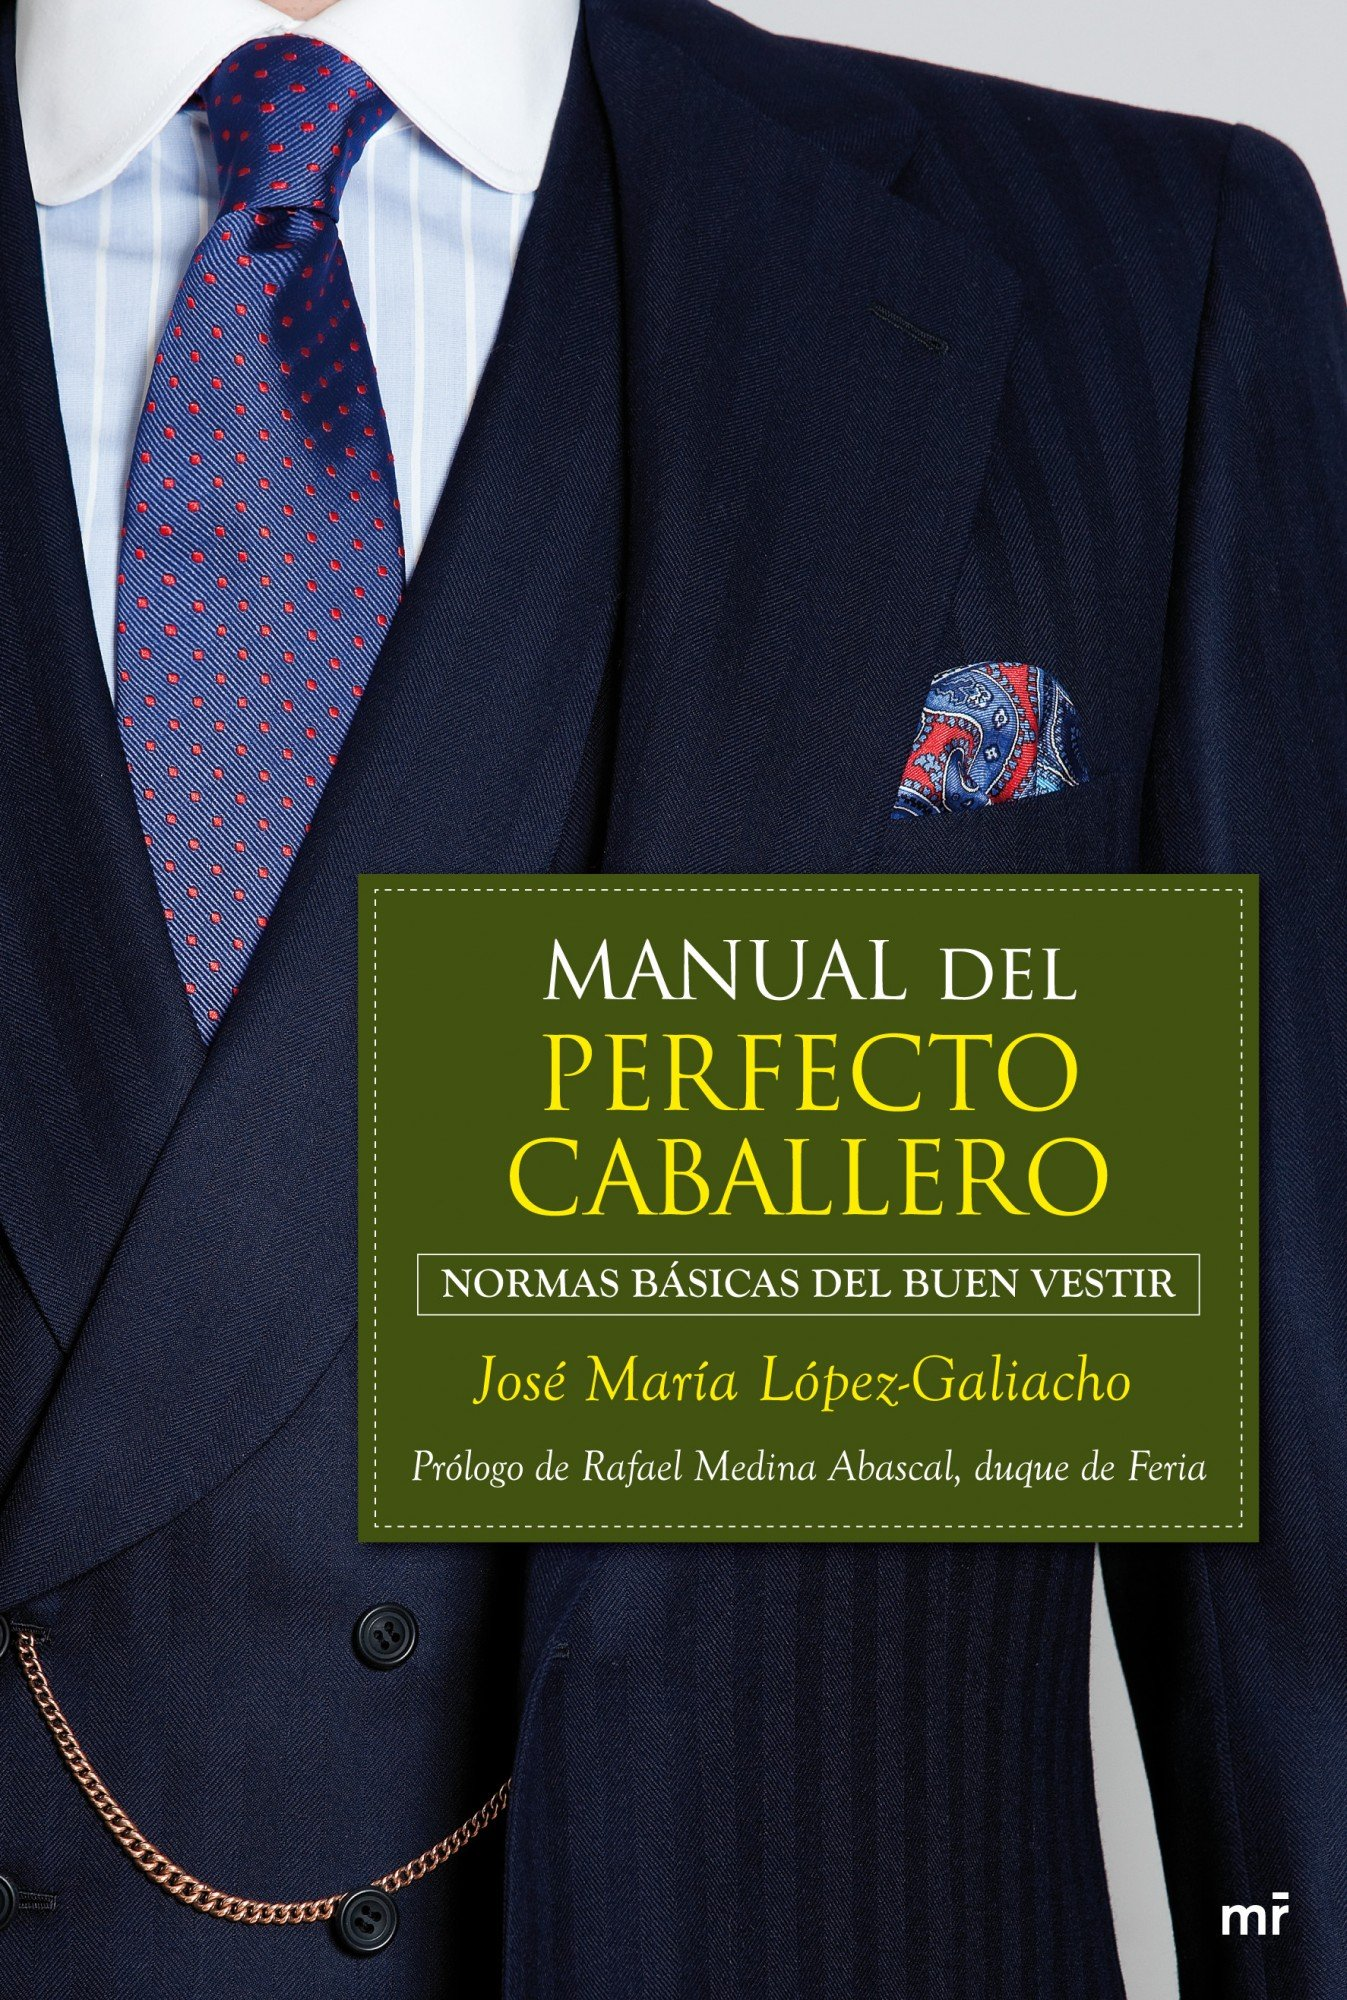 Manual del perfecto caballero: normas básicas del buen vestir MR Prácticos: Amazon.es: Lopez Galiacho, Jose María: Libros